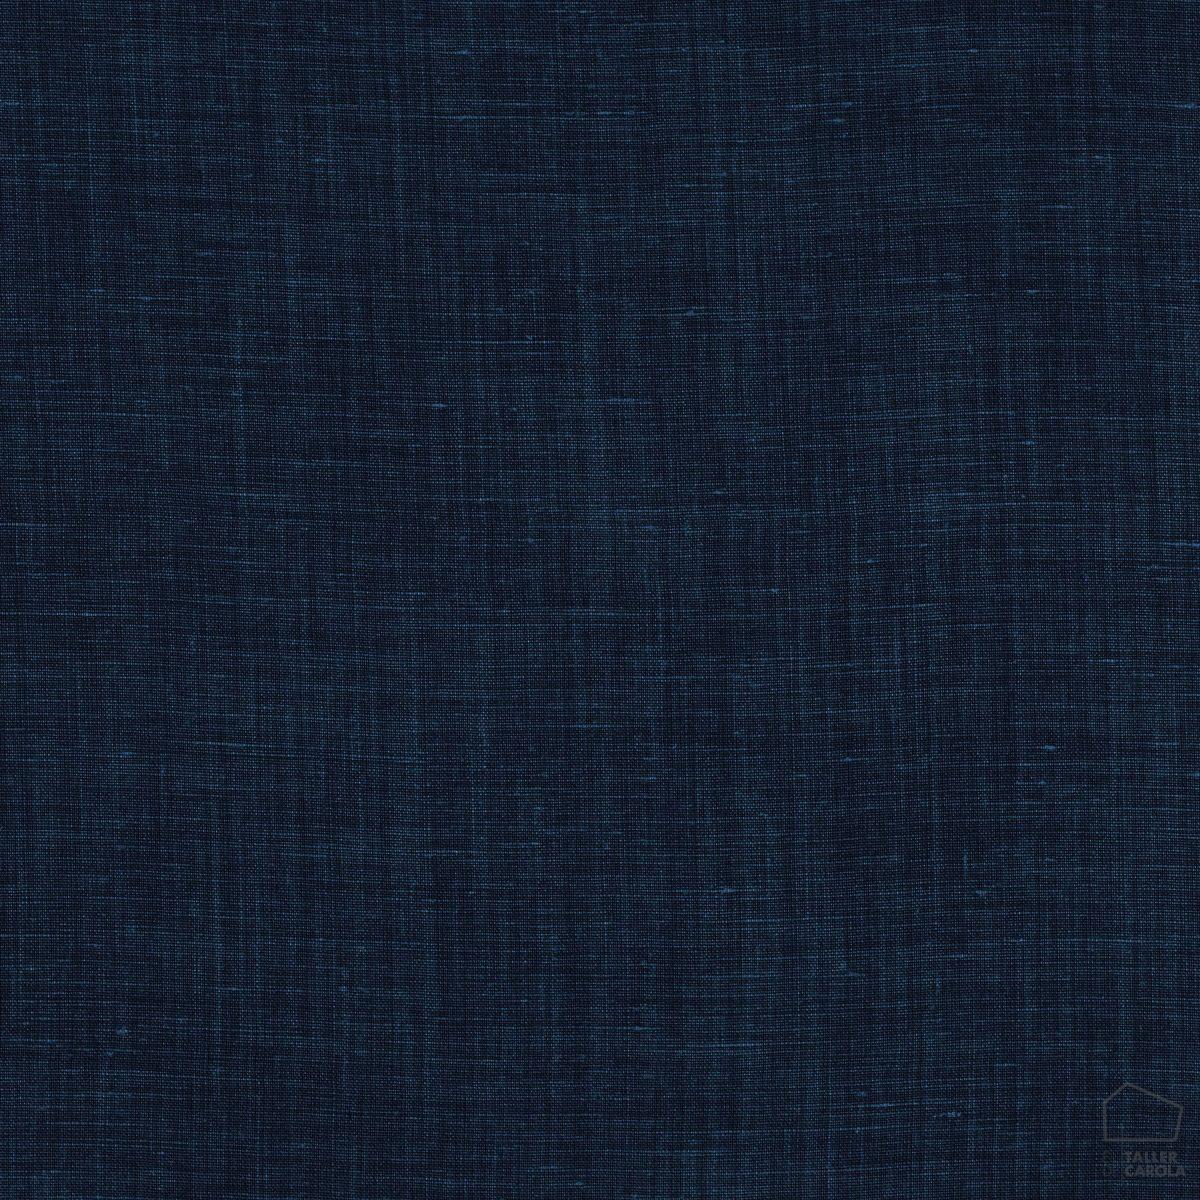 057sul38592442 Tela Lino Liso Desgastado Azul Marino